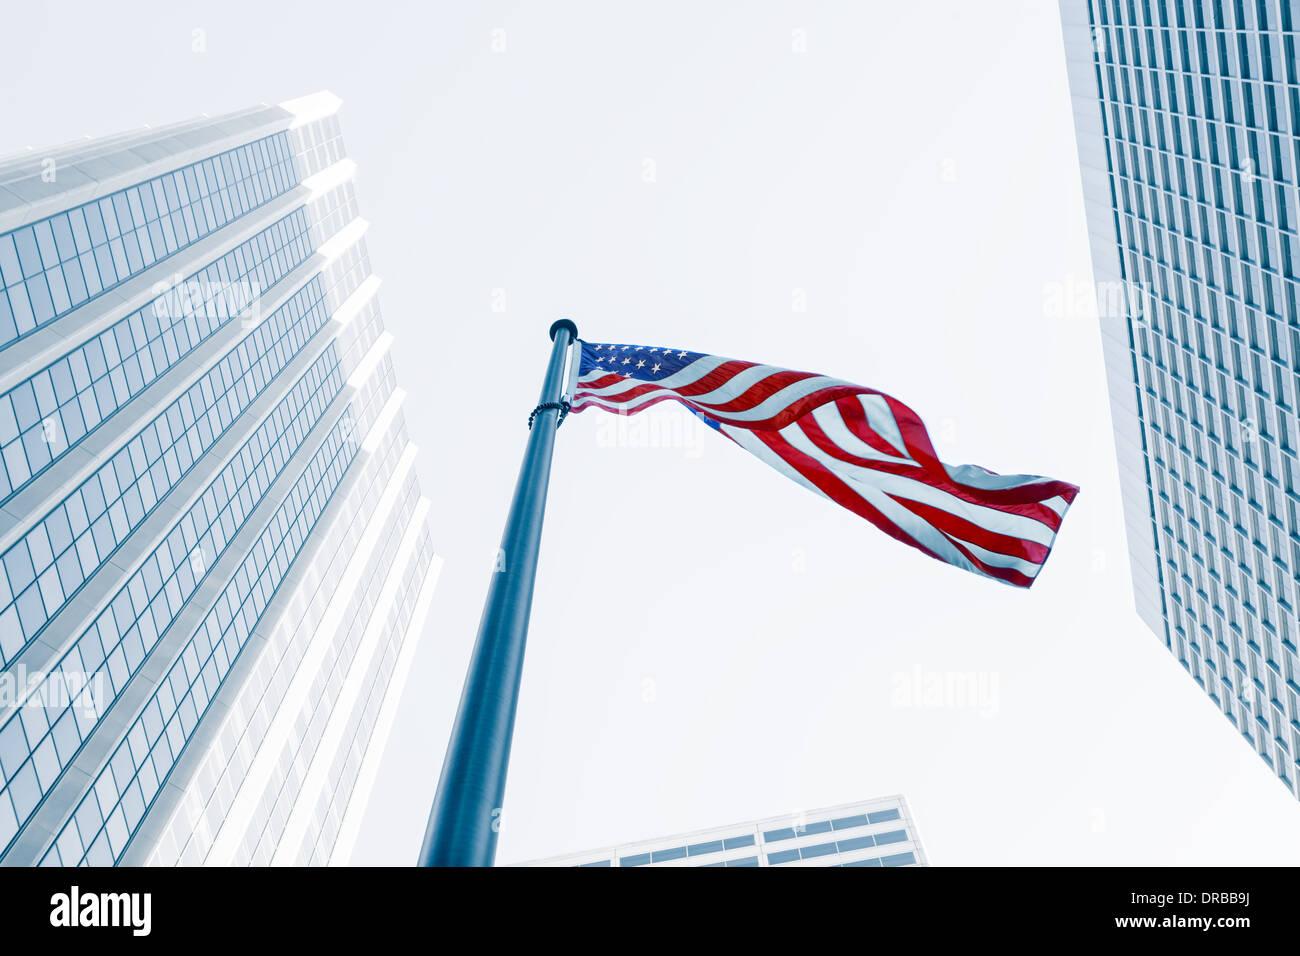 Vue du drapeau américain sur fond bleu bâtiment Photo Stock